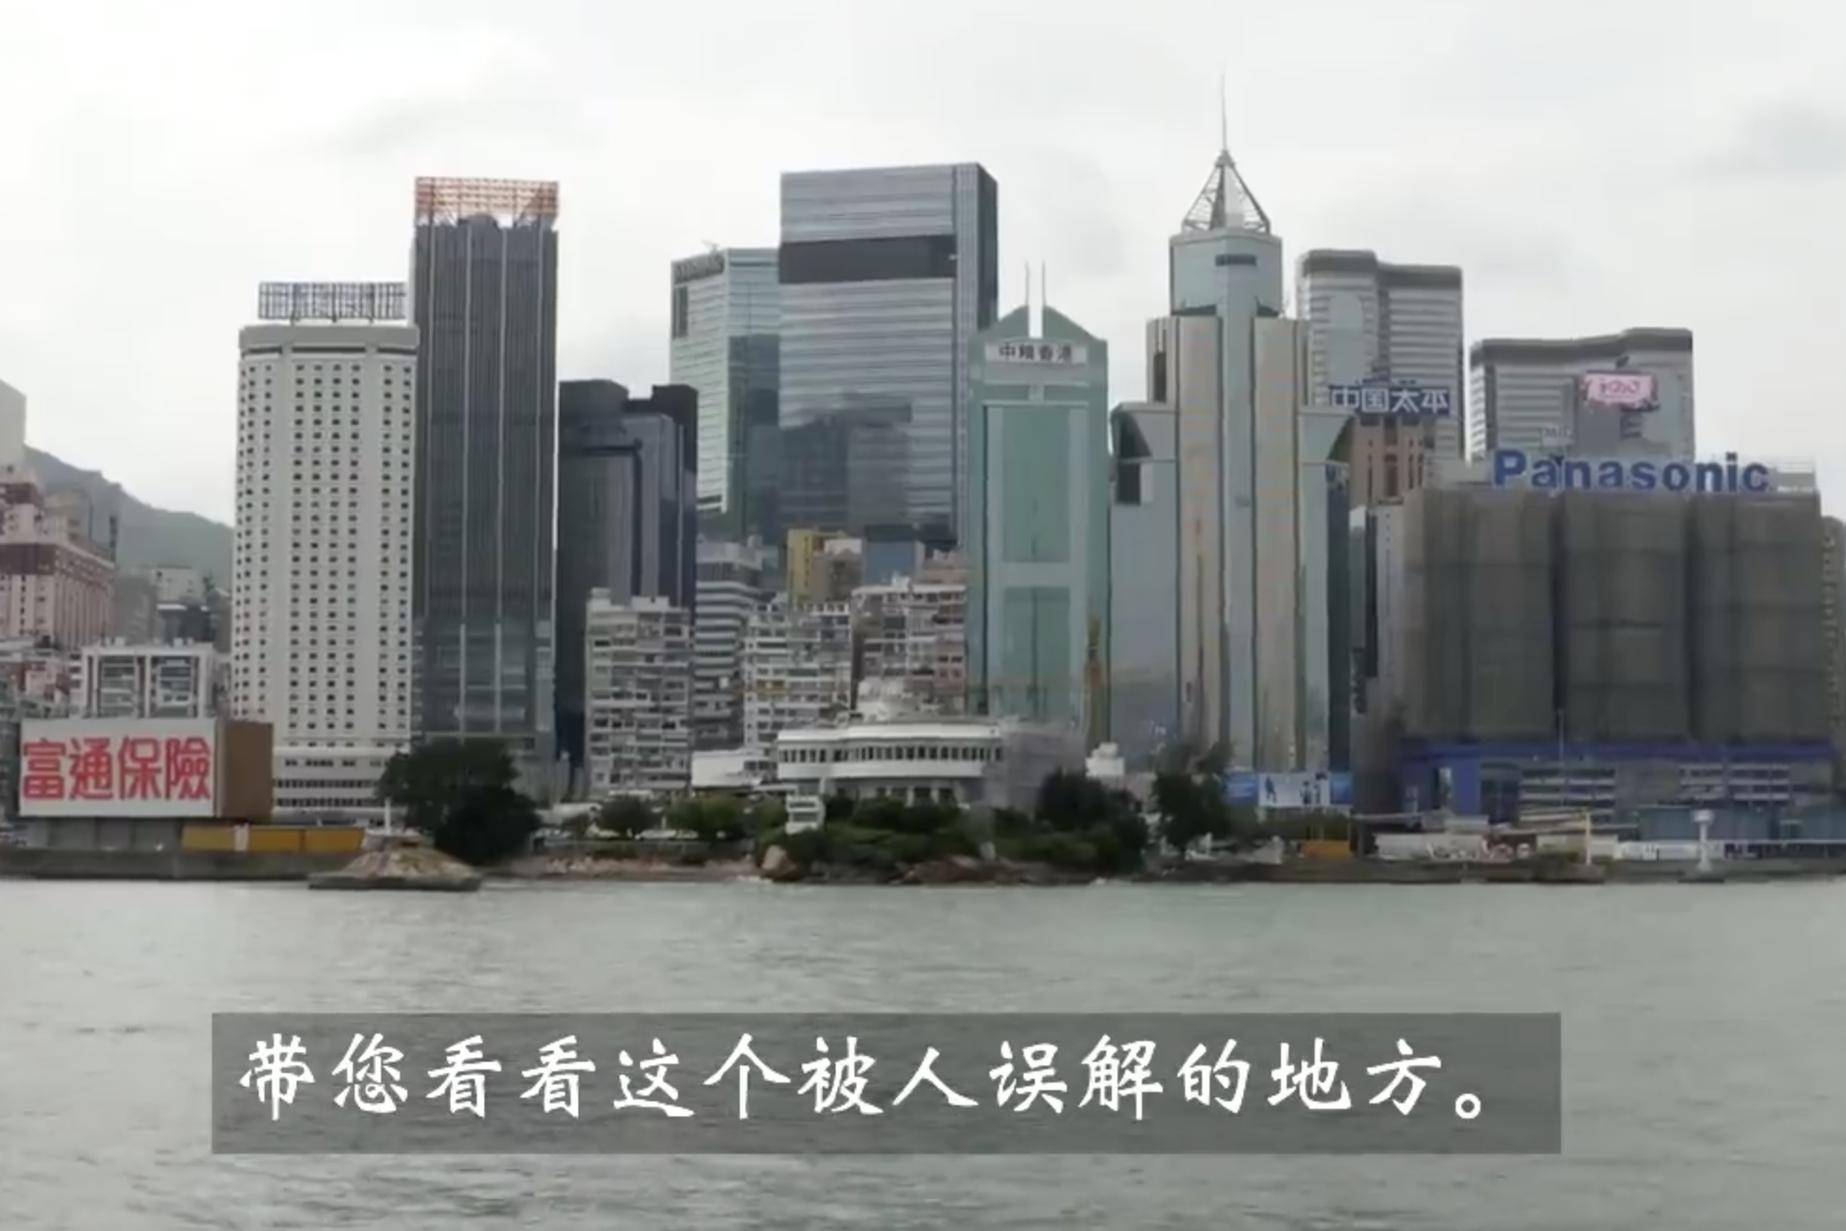 惊呆!美国主流媒体不愿承认的事实:中国真的超过美国了